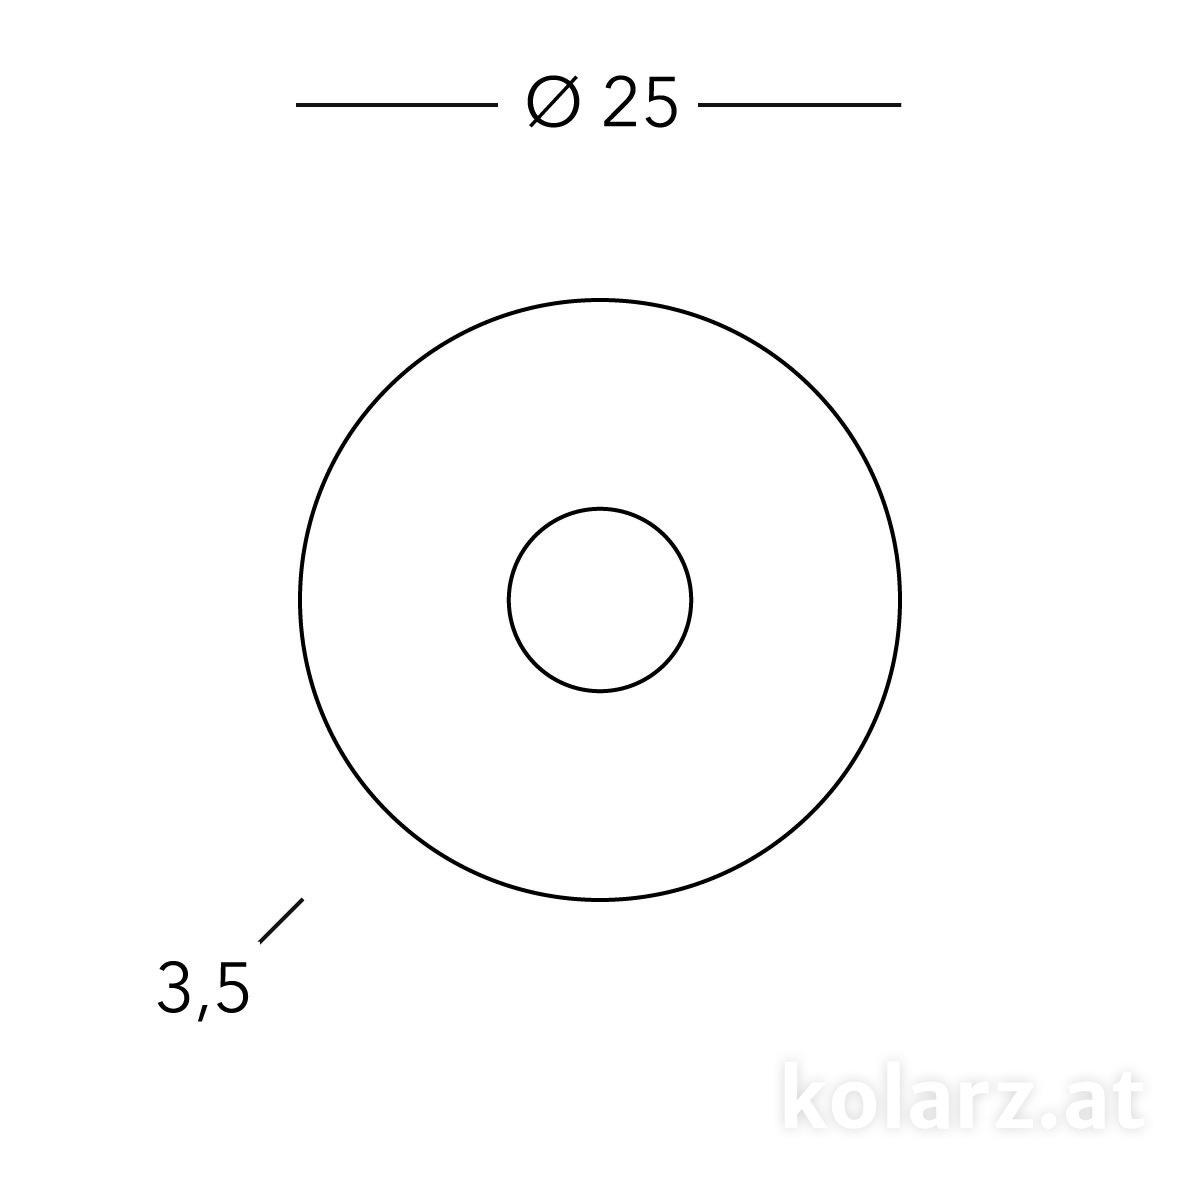 A1336-11-1-VinAu-s1.jpg